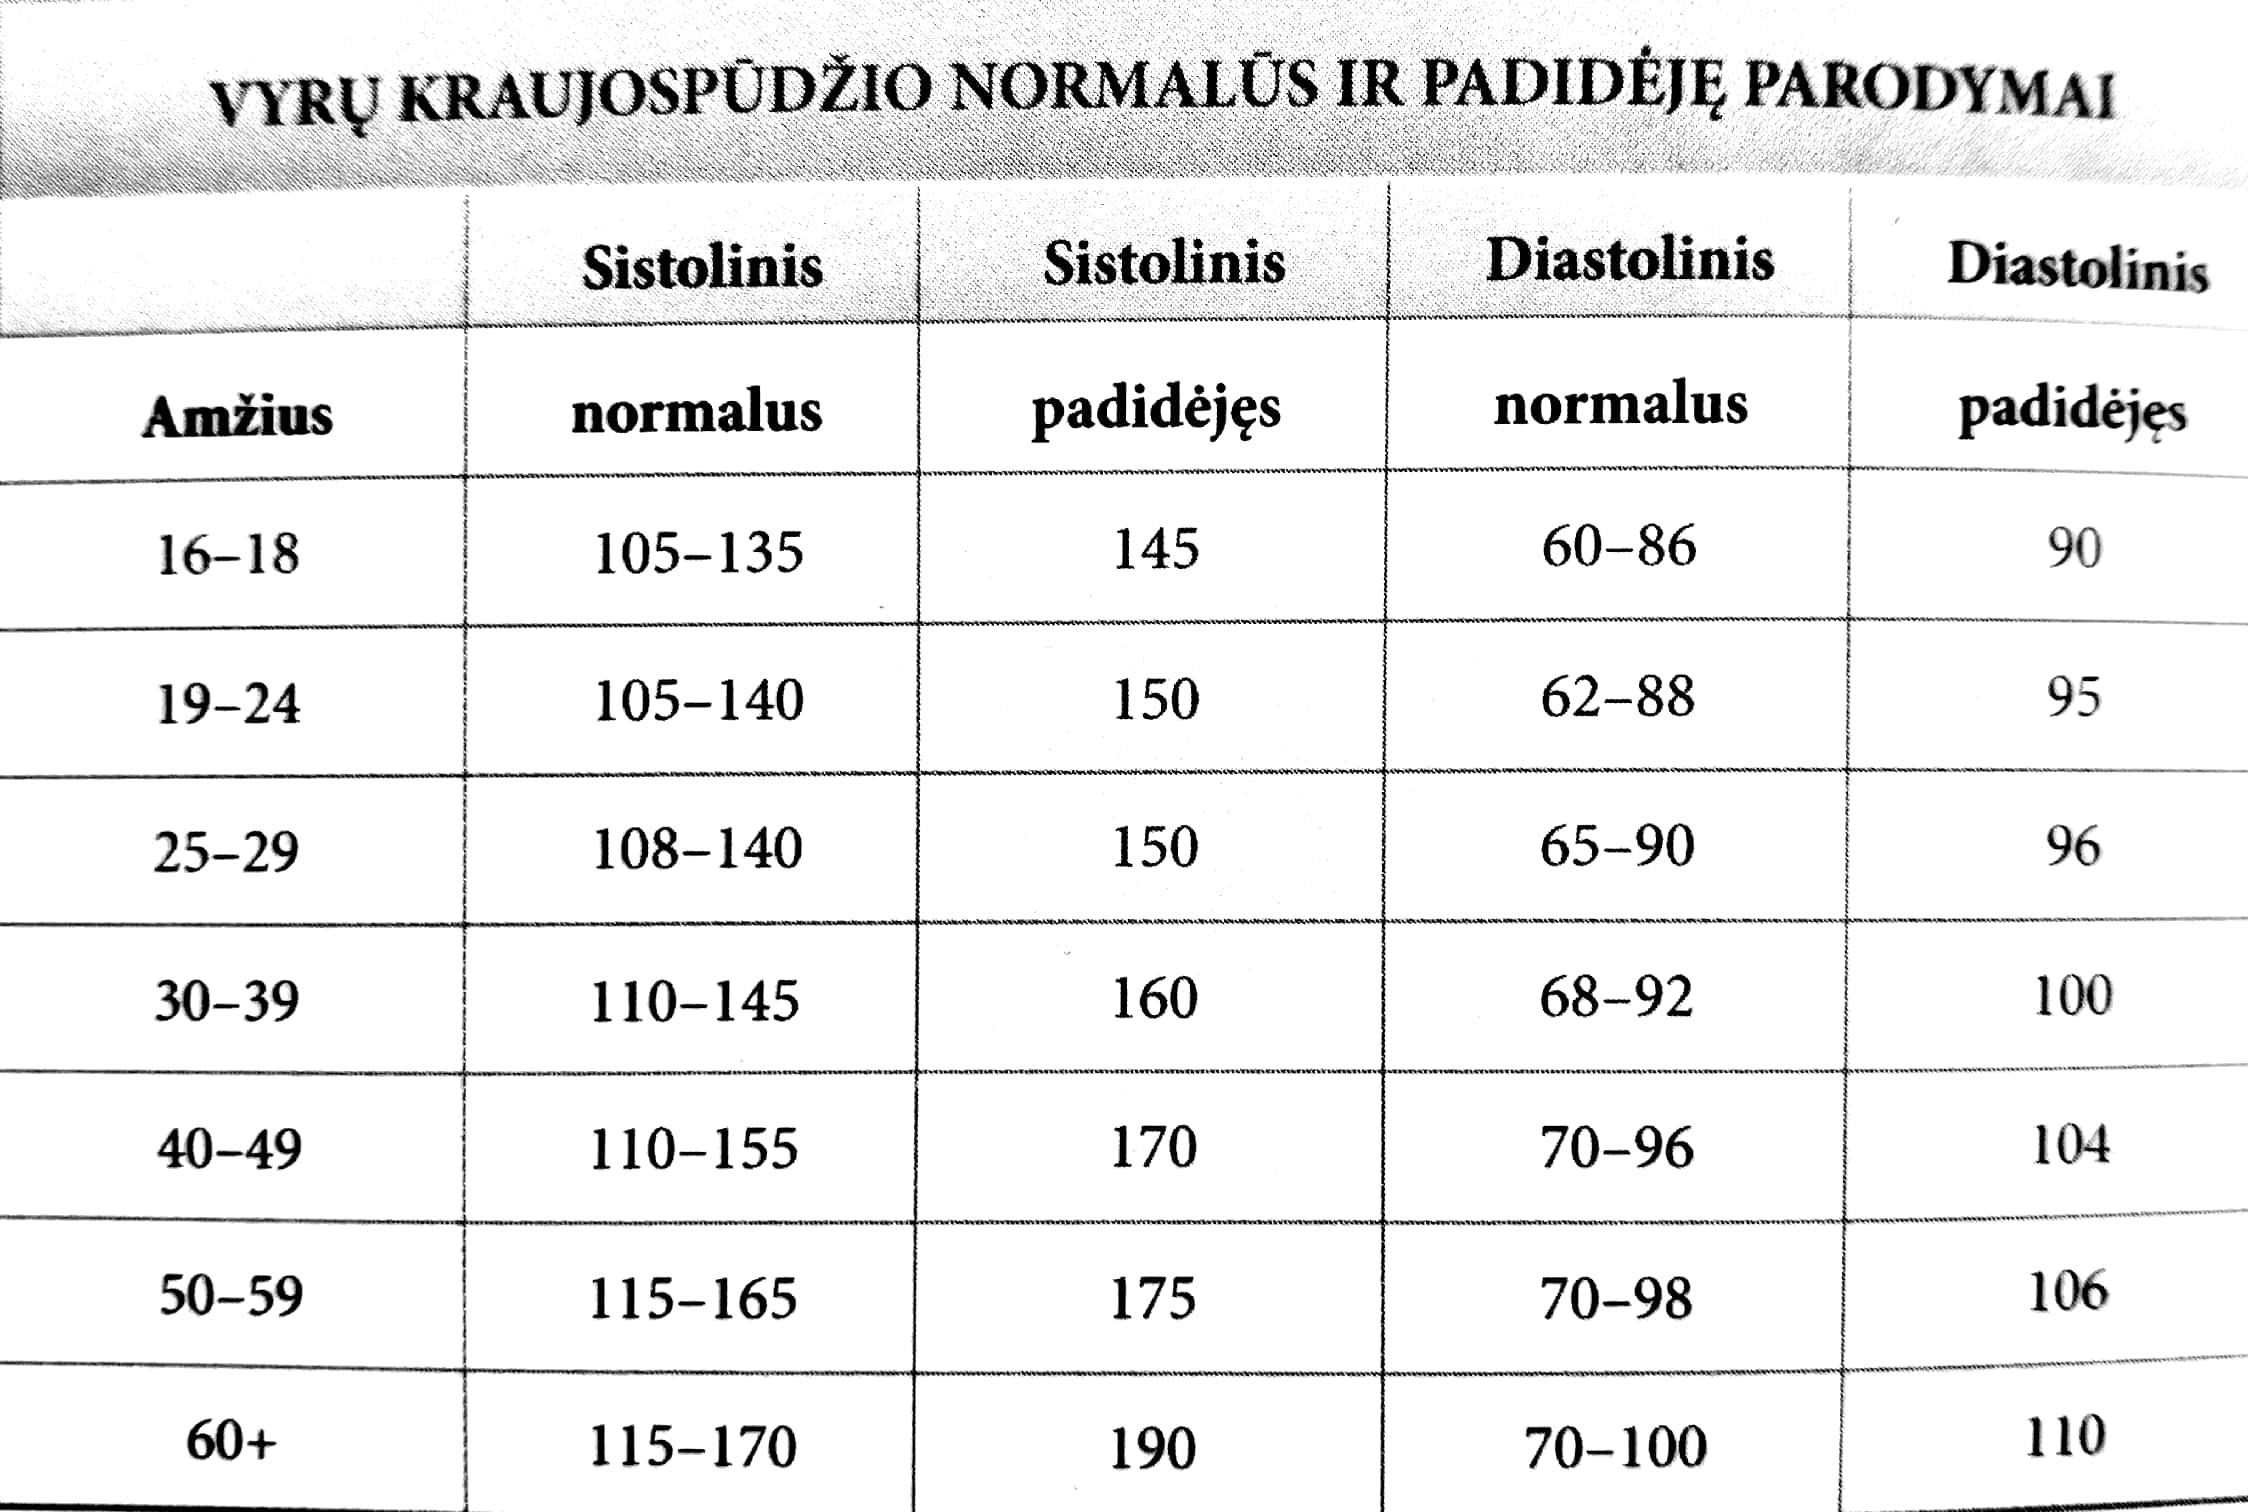 diastolinis kraujo spaudimas)